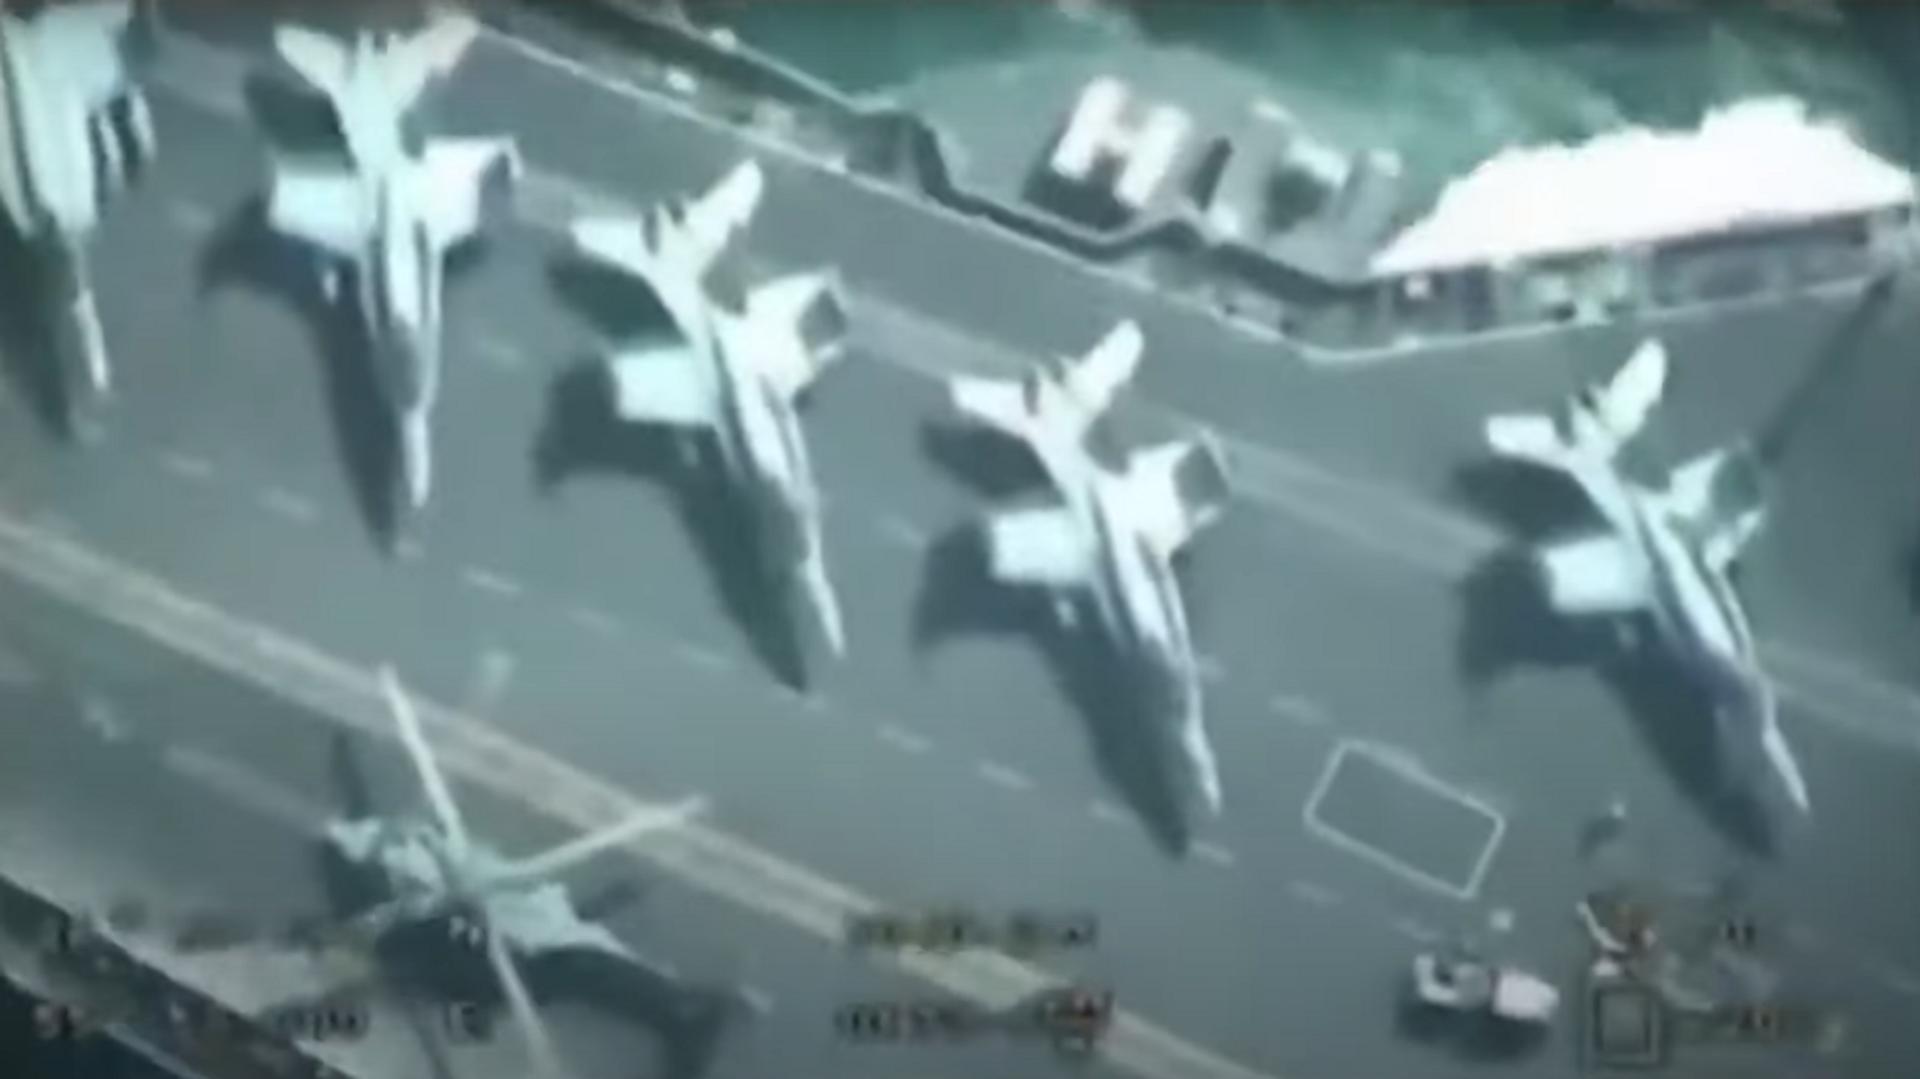 Un dron iraní 'inspecciona' el portaaviones de la Armada de EEUU - Sputnik Mundo, 1920, 22.04.2021